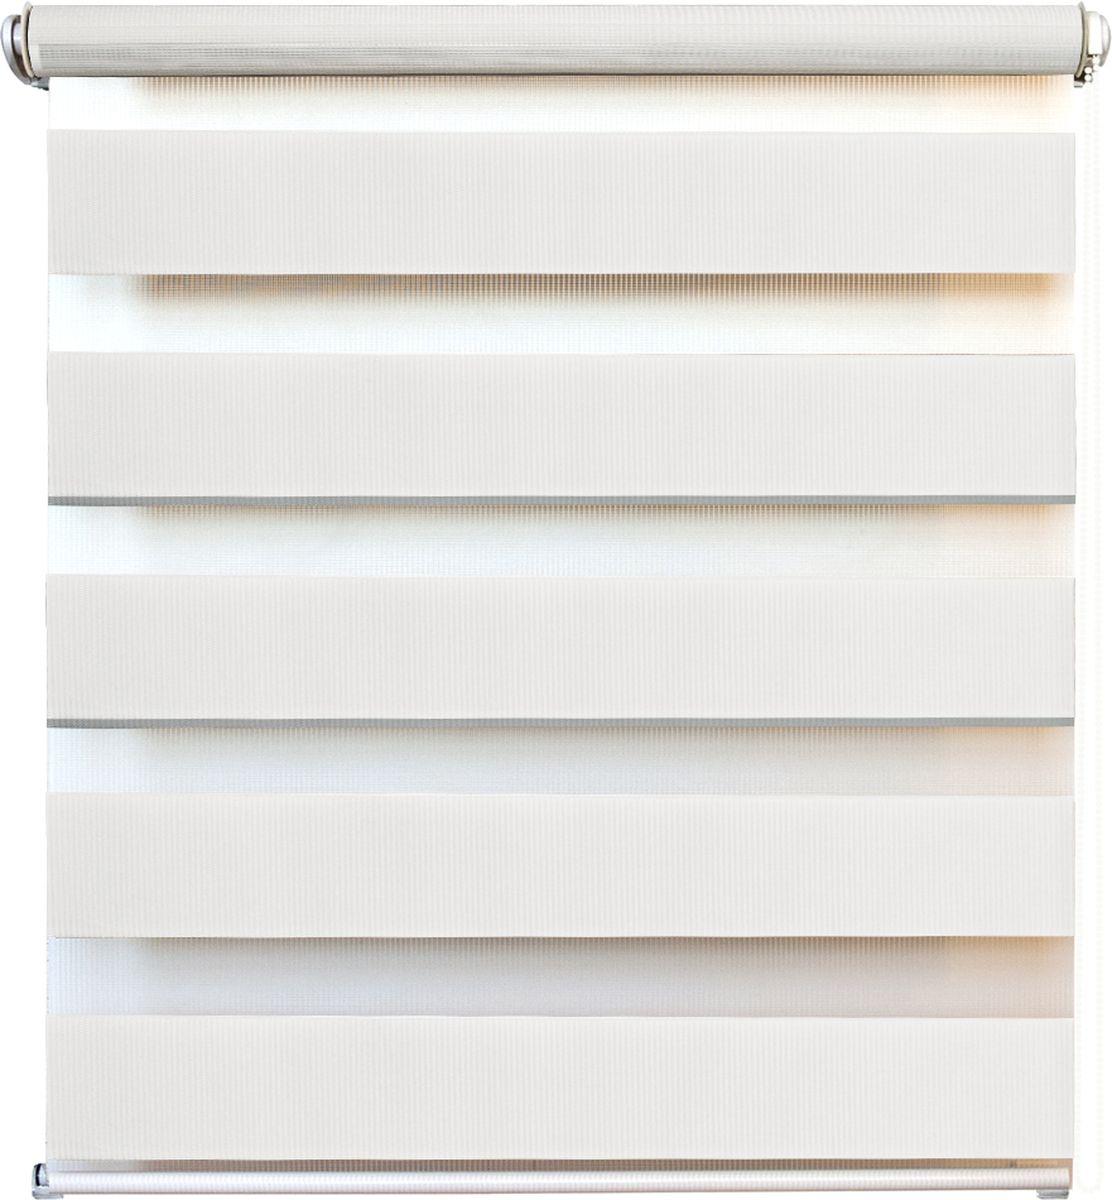 Штора рулонная день/ночь Уют Канзас, цвет: белый, 60 х 160 смRC-100BPCШтора рулонная день/ночь Уют Канзас выполнена из прочного полиэстера, в котором чередуются полосы различной плотности и фактуры. Управление двойным слоем ткани с помощью цепочки позволяет регулировать степень светопроницаемости шторы. Если совпали плотные полосы, то прозрачные будут открыты максимально. Это положение шторы называется День. Максимальное затемнение помещения достигается при полном совпадении полос разных фактур. Это положение шторы называется Ночь. Конструкция шторы также позволяет полностью свернуть полотно, обеспечив максимальное открытие окна. Рулонная штора - это разновидность штор, которая закрывает не весь оконный проем, а непосредственно само стекло. Такая штора очень компактна, что помогает сэкономить пространство. Универсальная конструкция позволяет монтировать штору на стену, потолок, деревянные или пластиковые рамы окон. В комплект входят кронштейны и нижний утяжелитель. Возможна установка с управлением цепочкой как справа, так и слева. Такая штора станет прекрасным элементом декора окна и гармонично впишется в интерьер любого помещения. Классический дизайн подойдет для гостиной, спальни, кухни, кабинета или офиса.